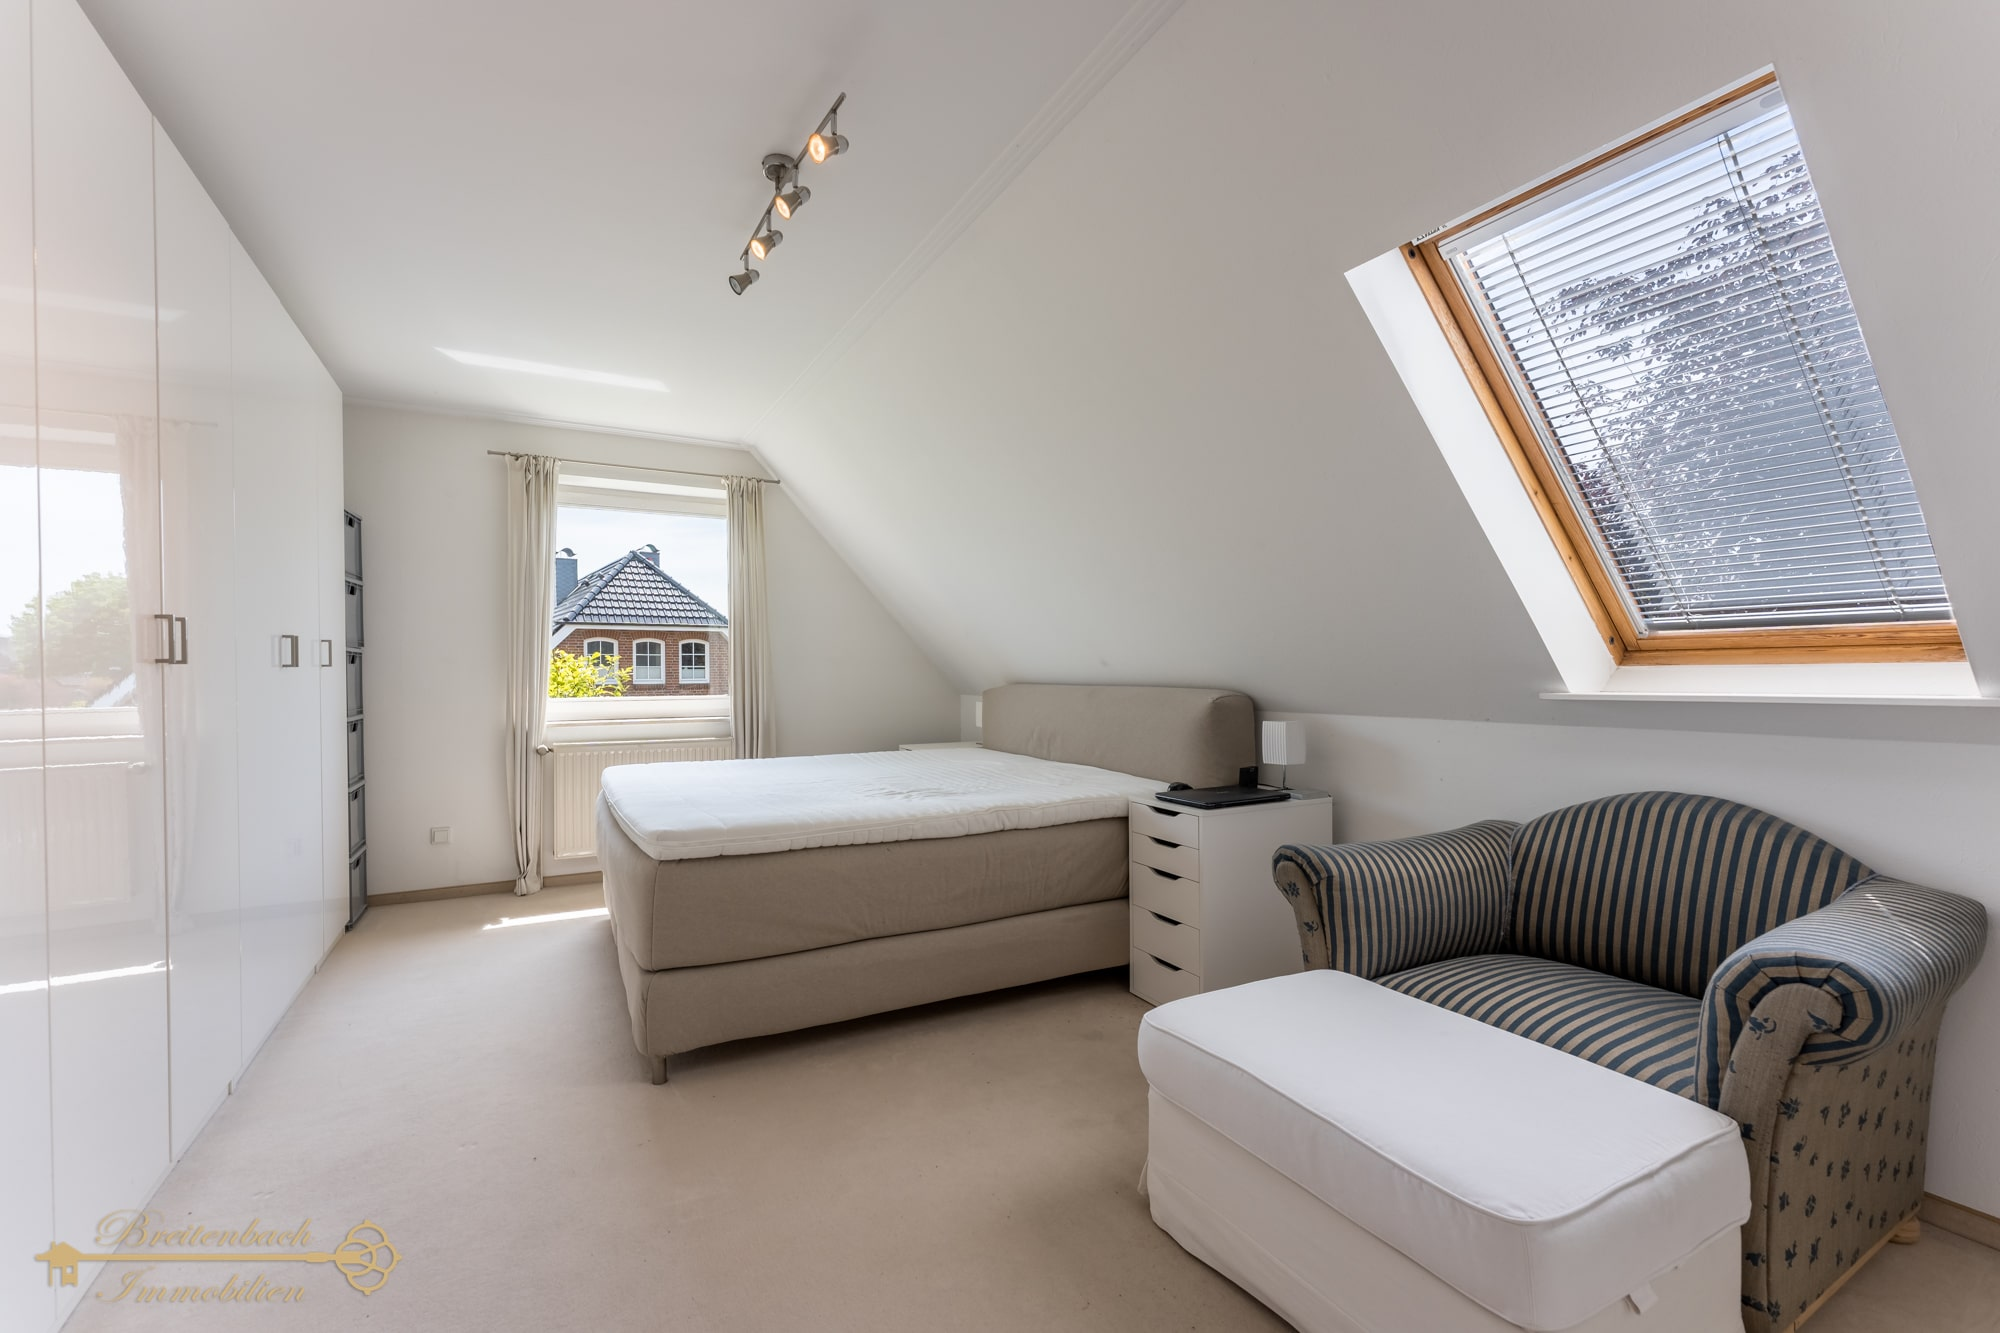 2021-06-01-Breitenbach-Immobilien-Makler-Bremen-25-min